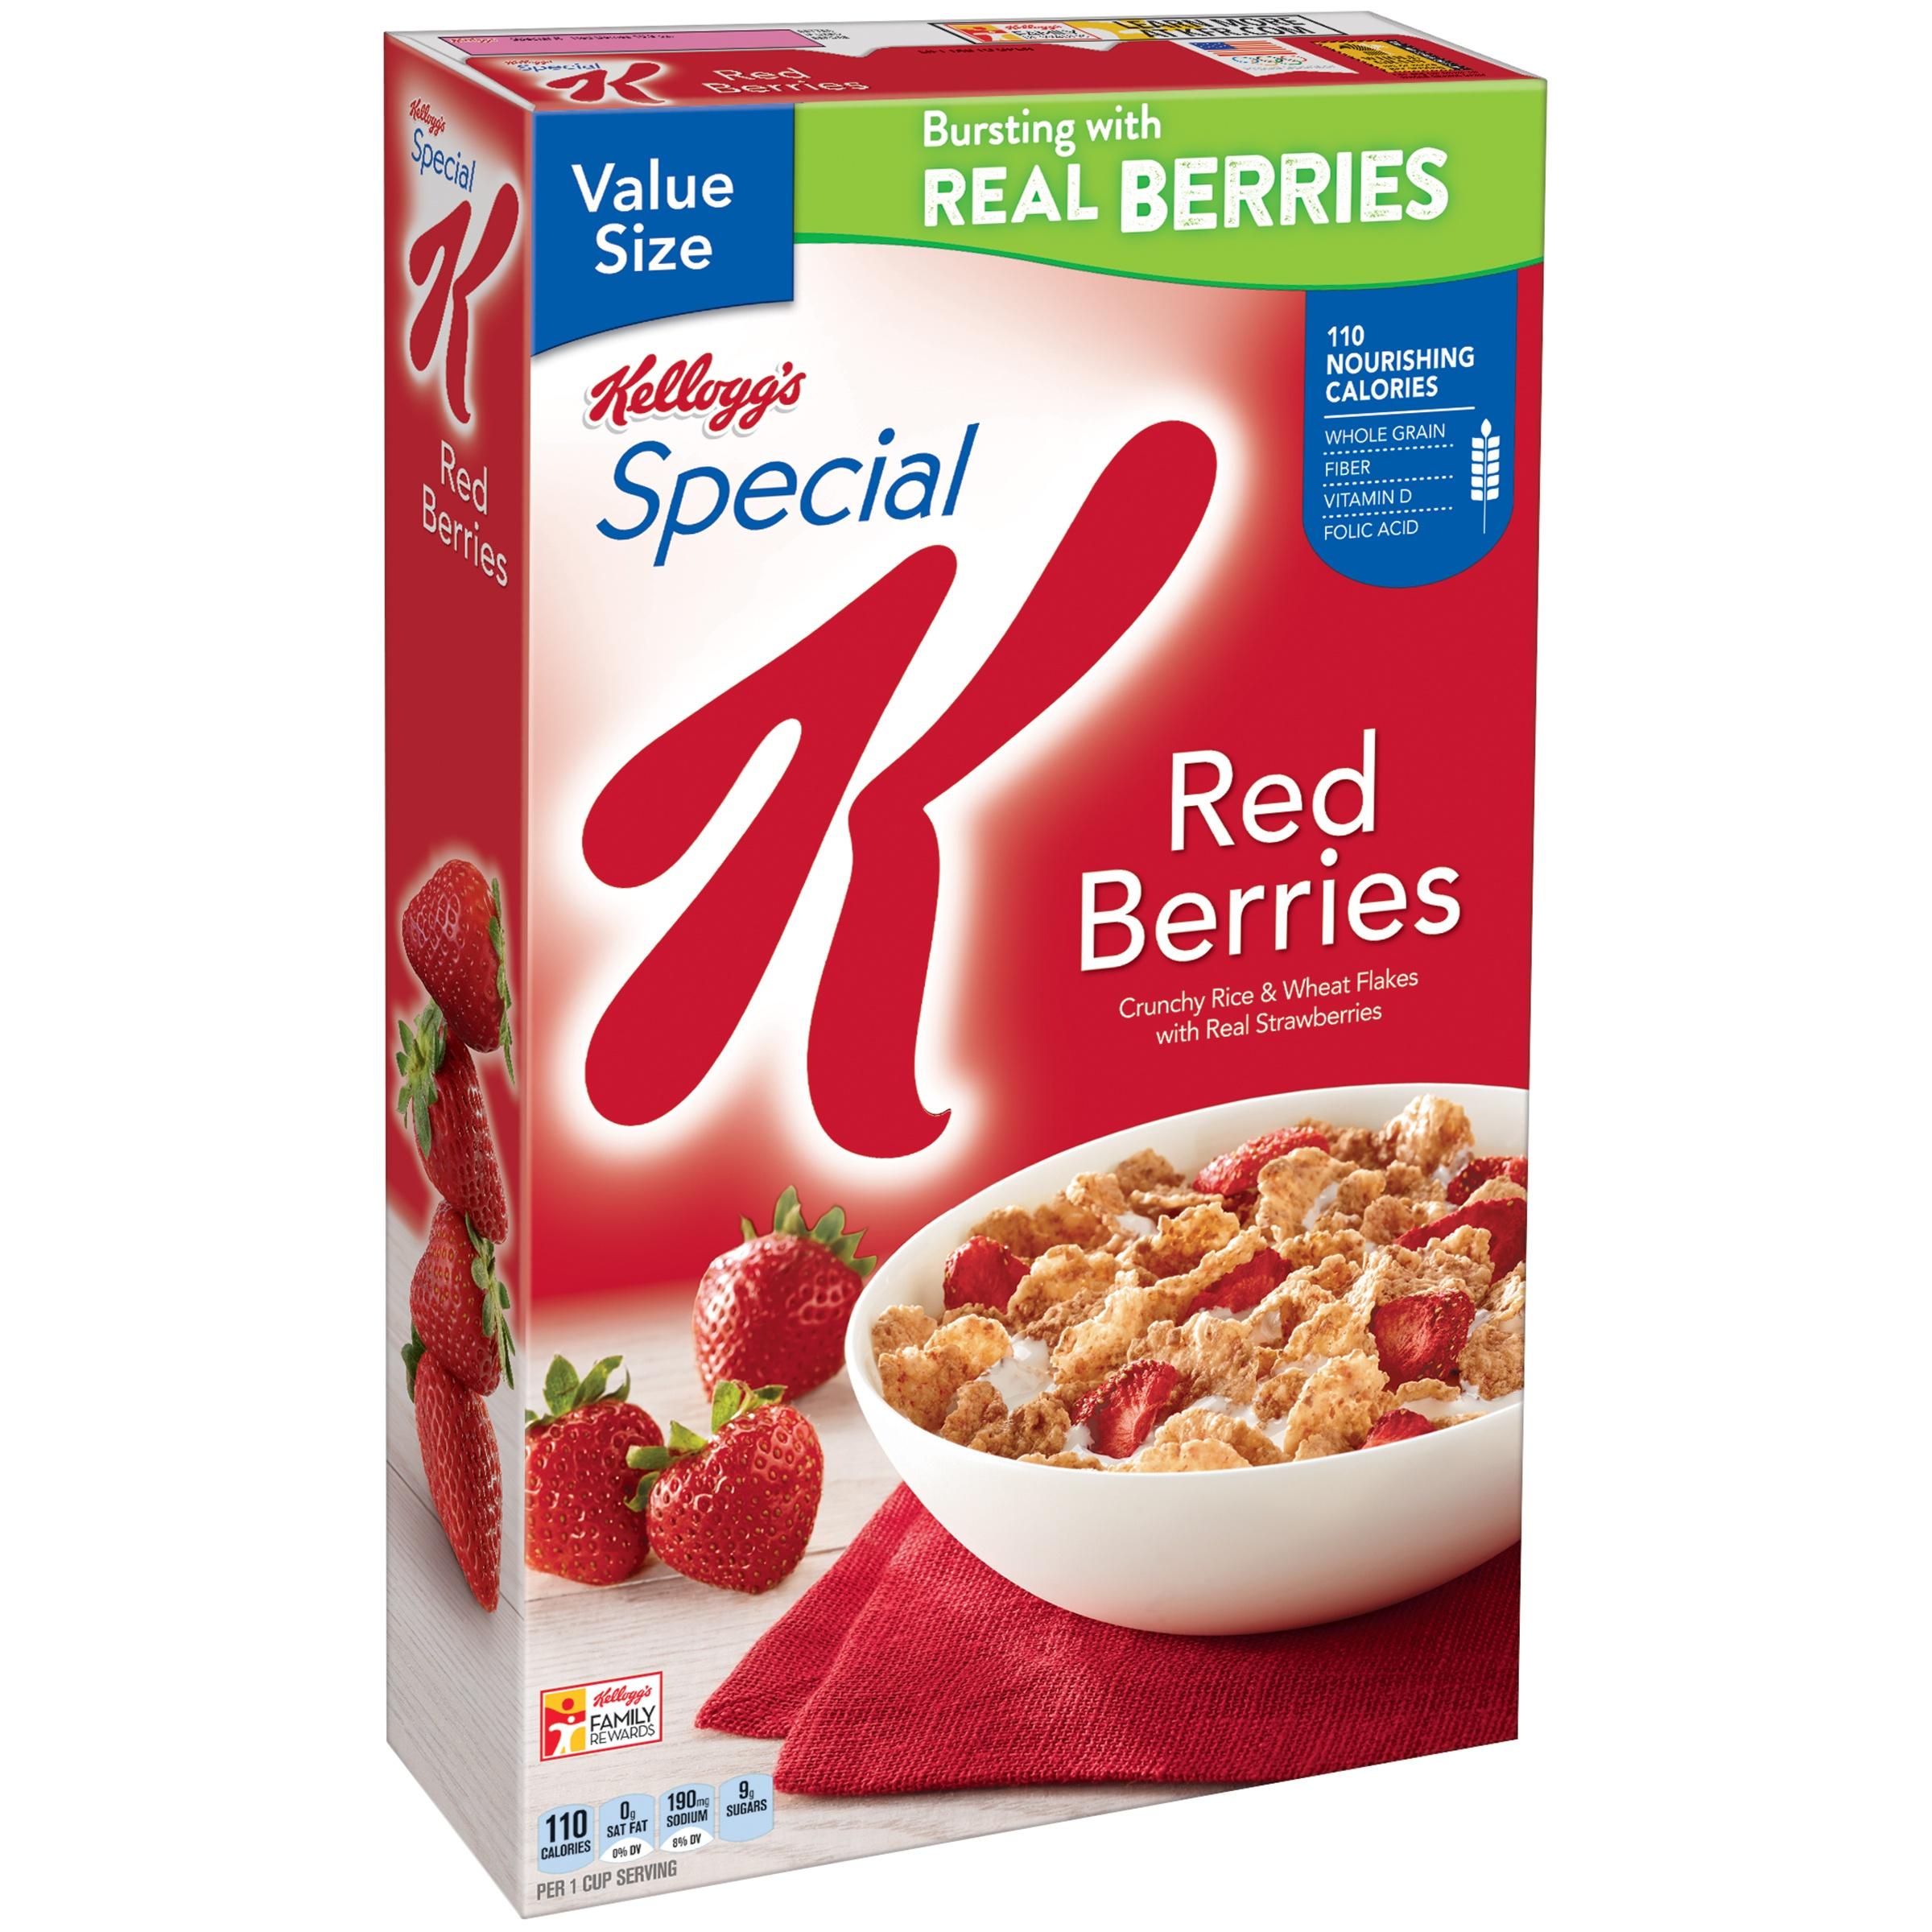 Kellogg's Special K Breakfast Cereal, Red Berries, 16.9 Oz - Walmart.com